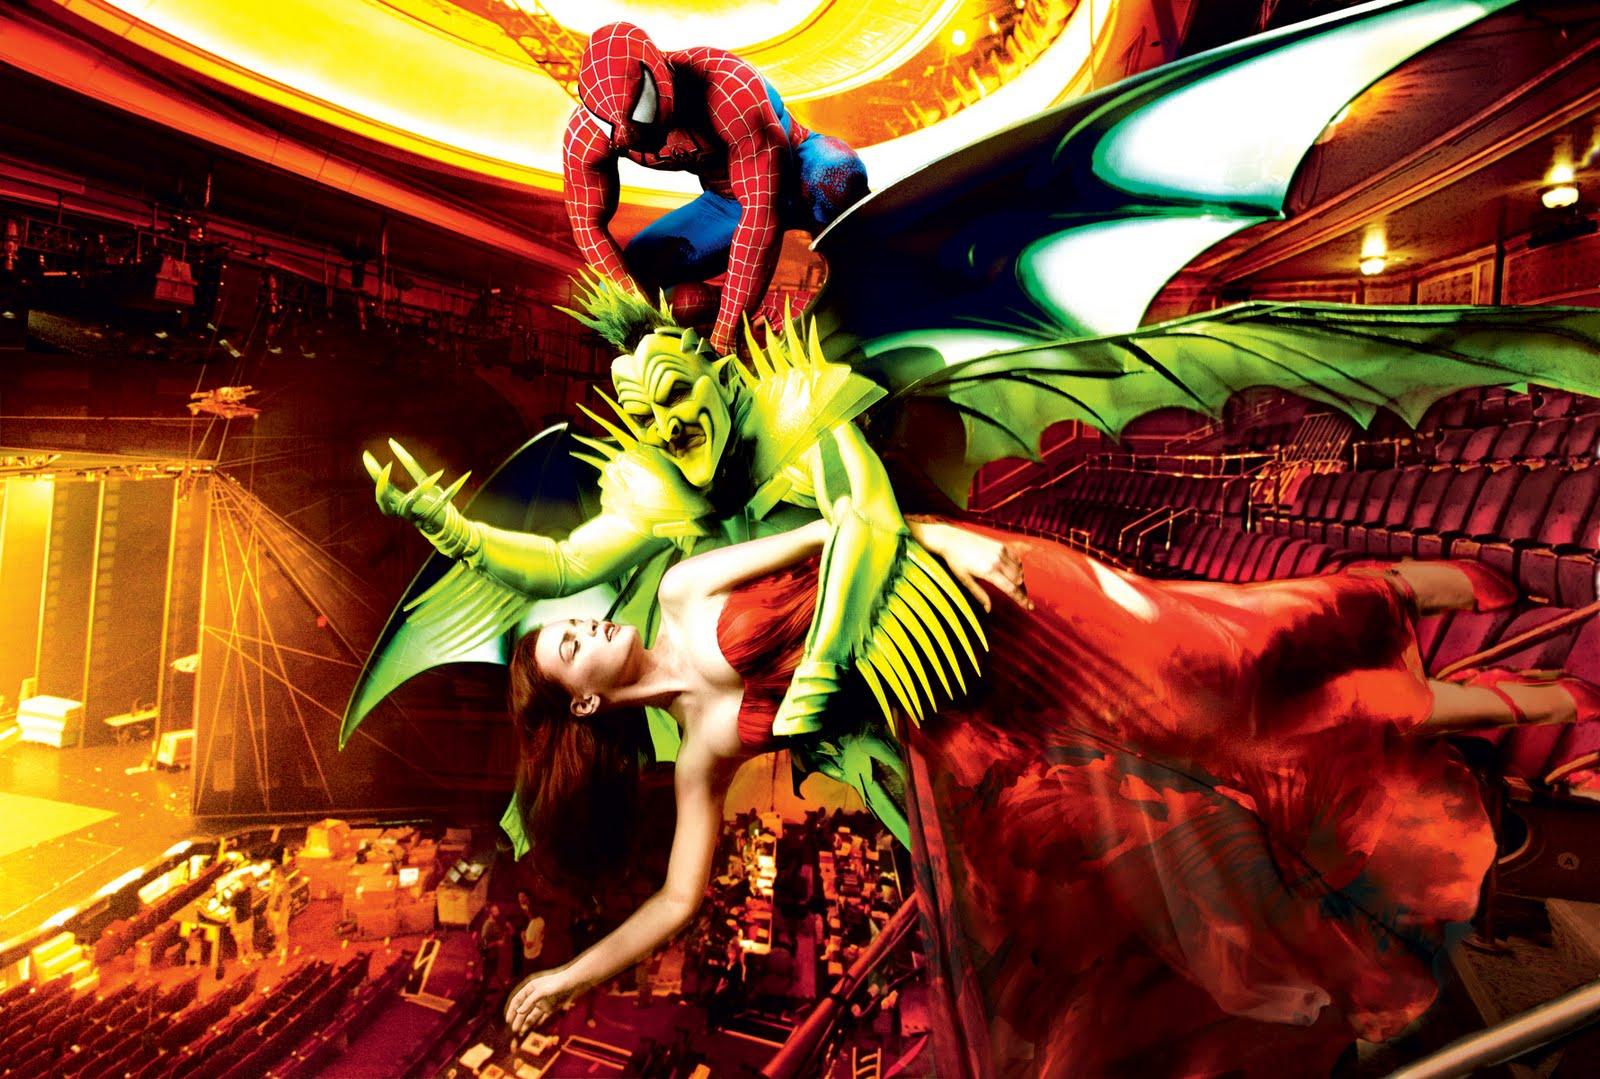 http://2.bp.blogspot.com/_qJVuLQcN-XU/TPLQZ7o6MhI/AAAAAAAAApM/qDrH5cGVpaw/s1600/56344_spider_man_turn_off_the_dark_image_01_122_578lo.jpg